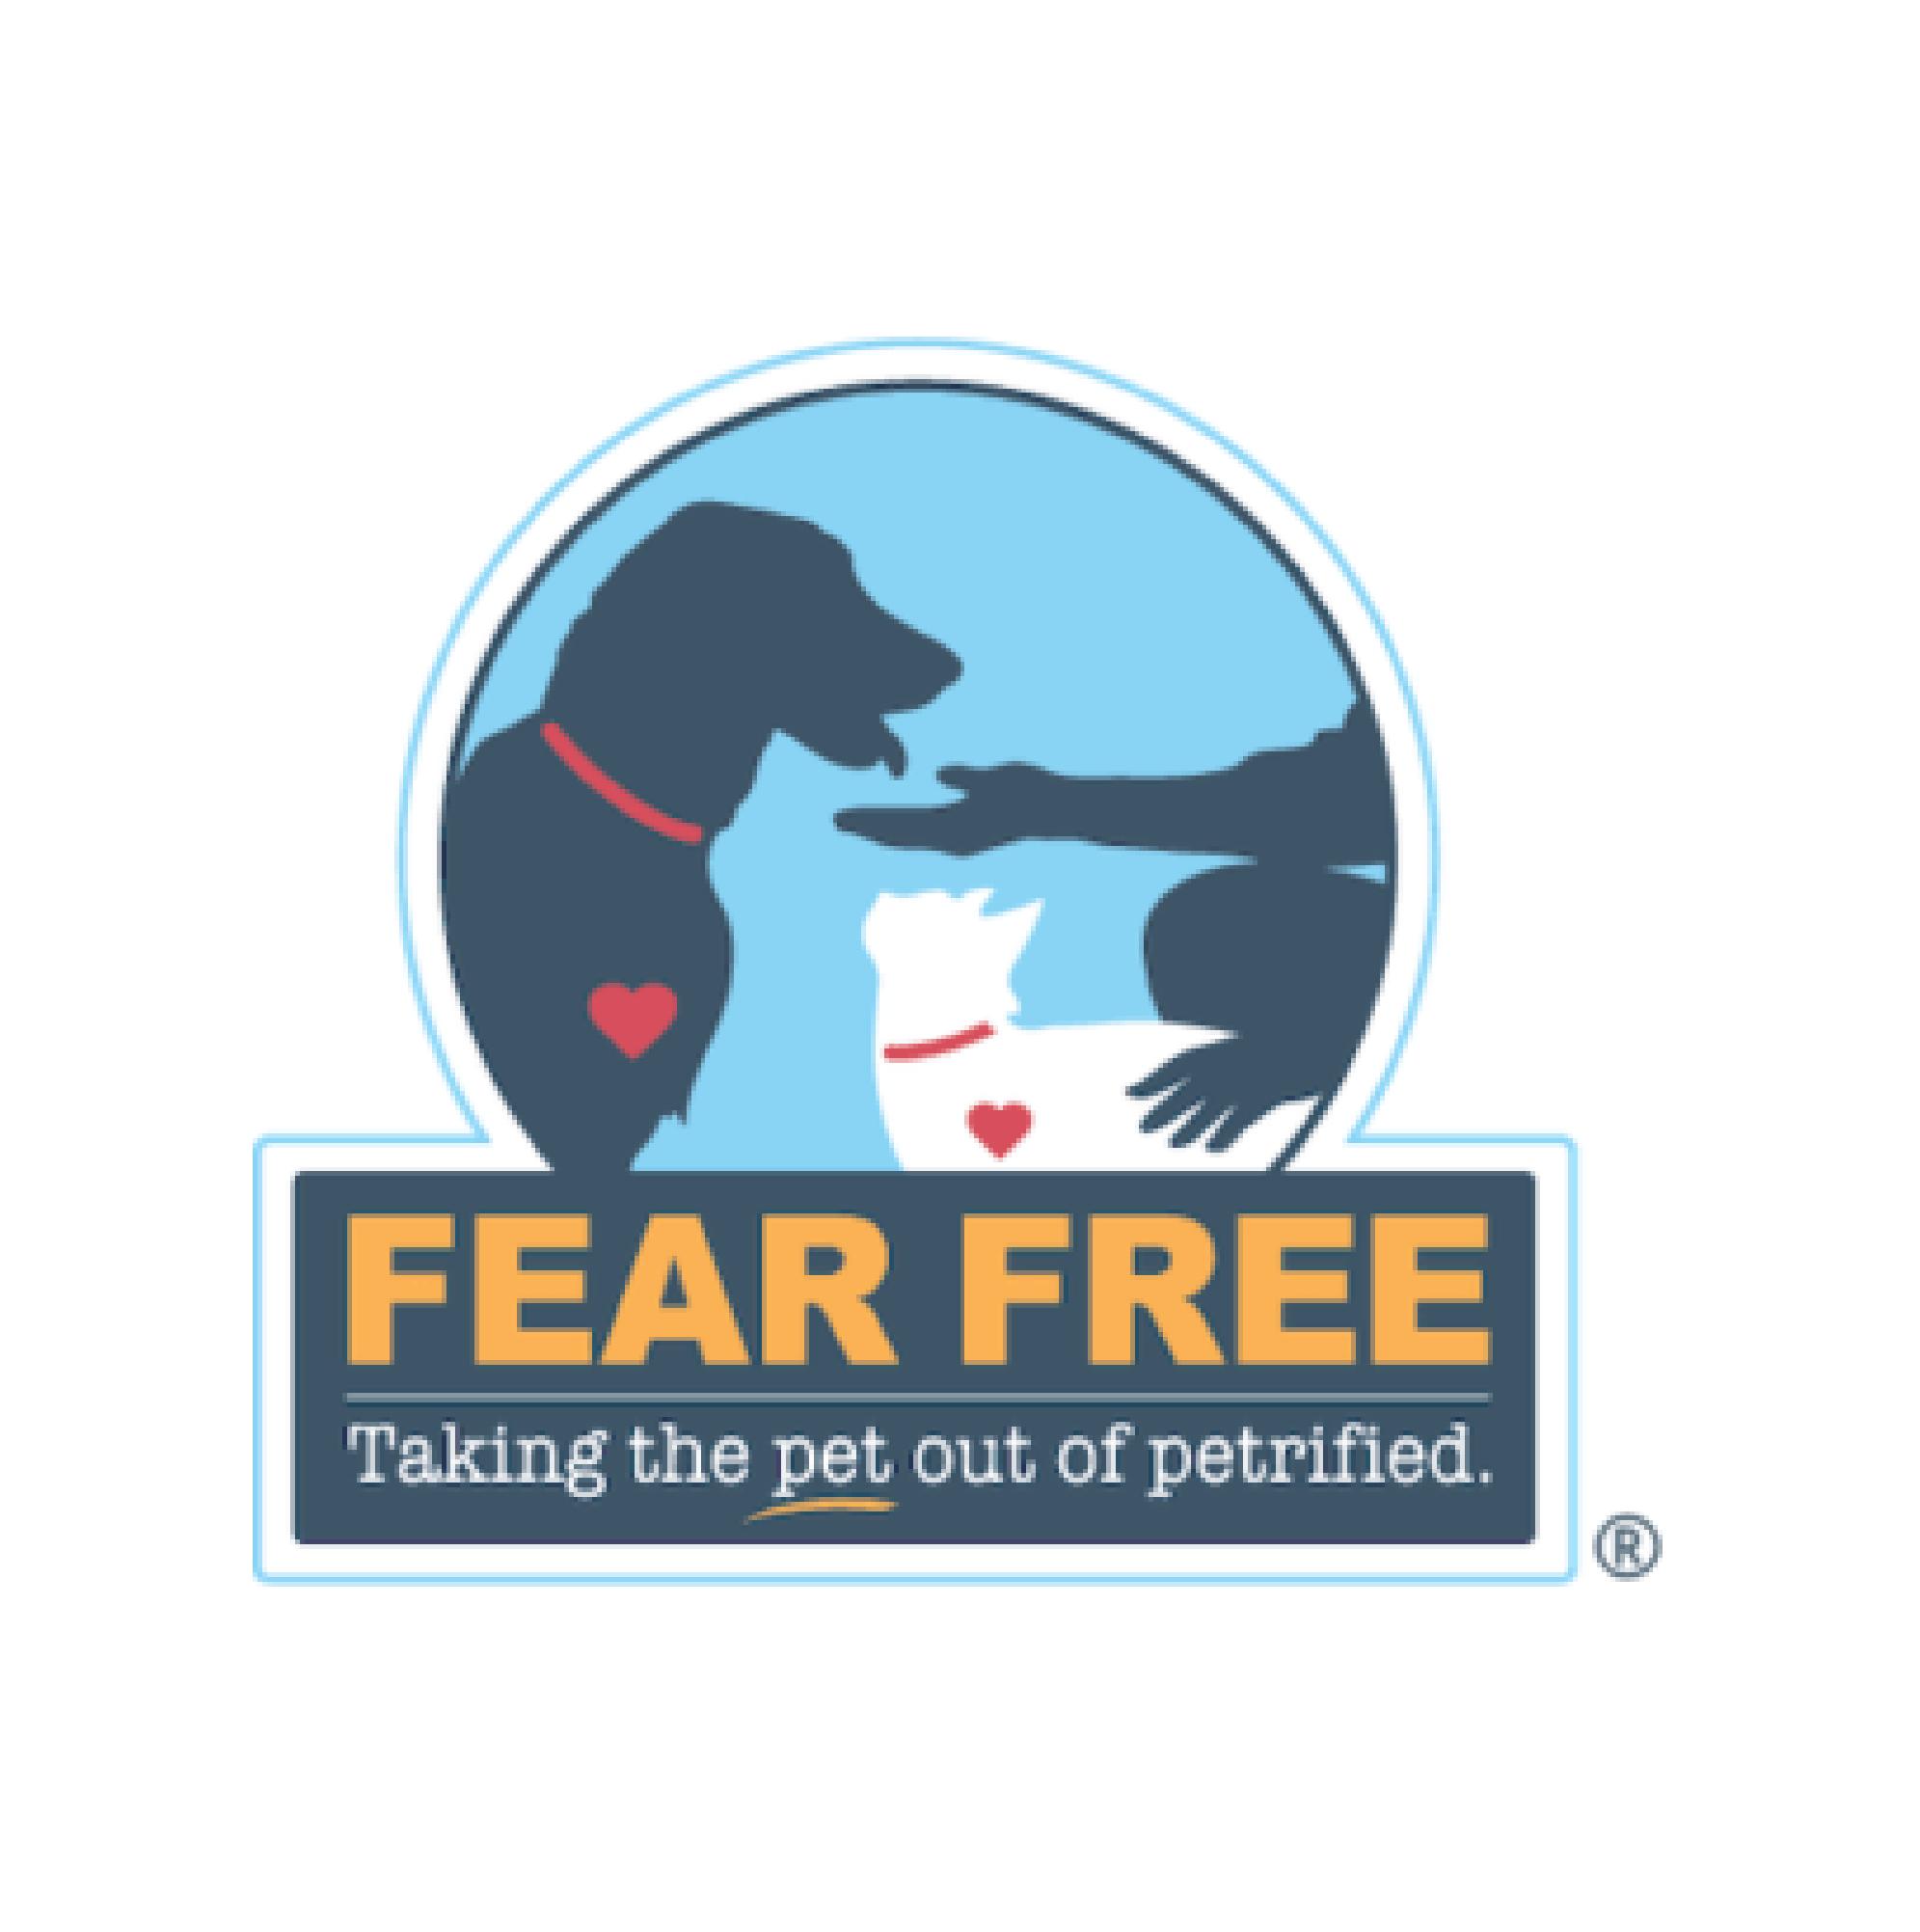 Fear free logo.